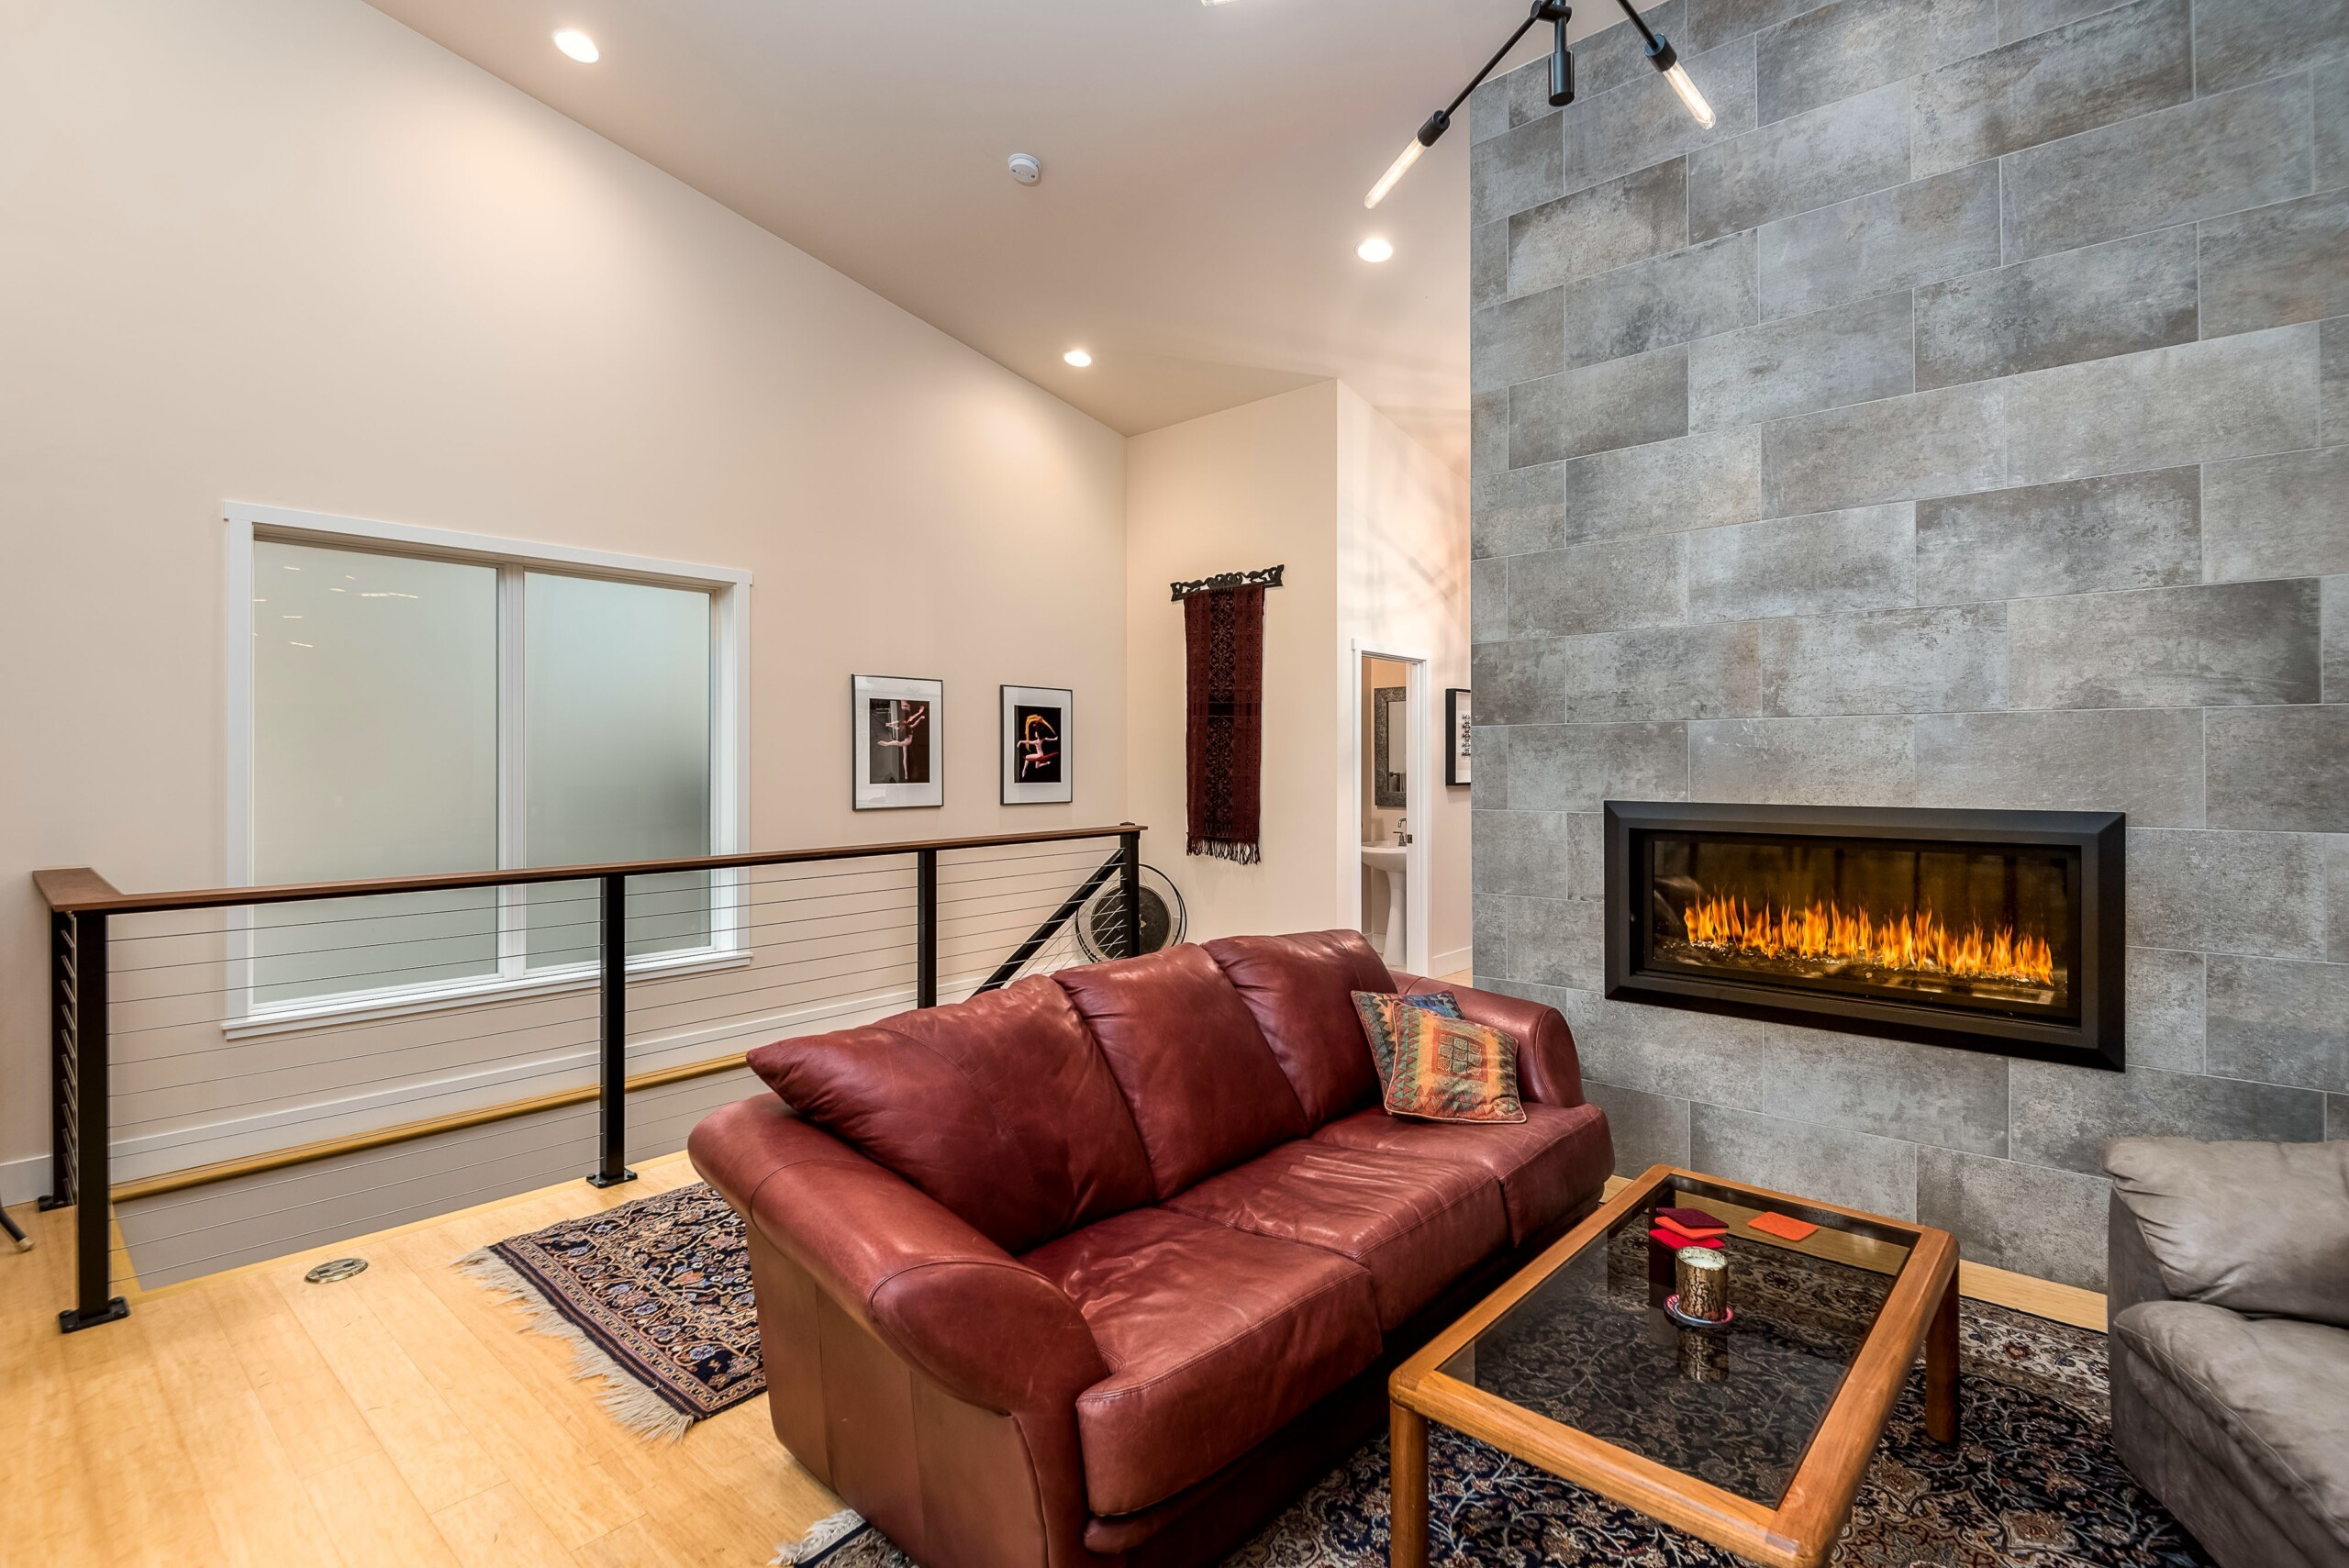 Interior remodel by John Webb Construction & Design